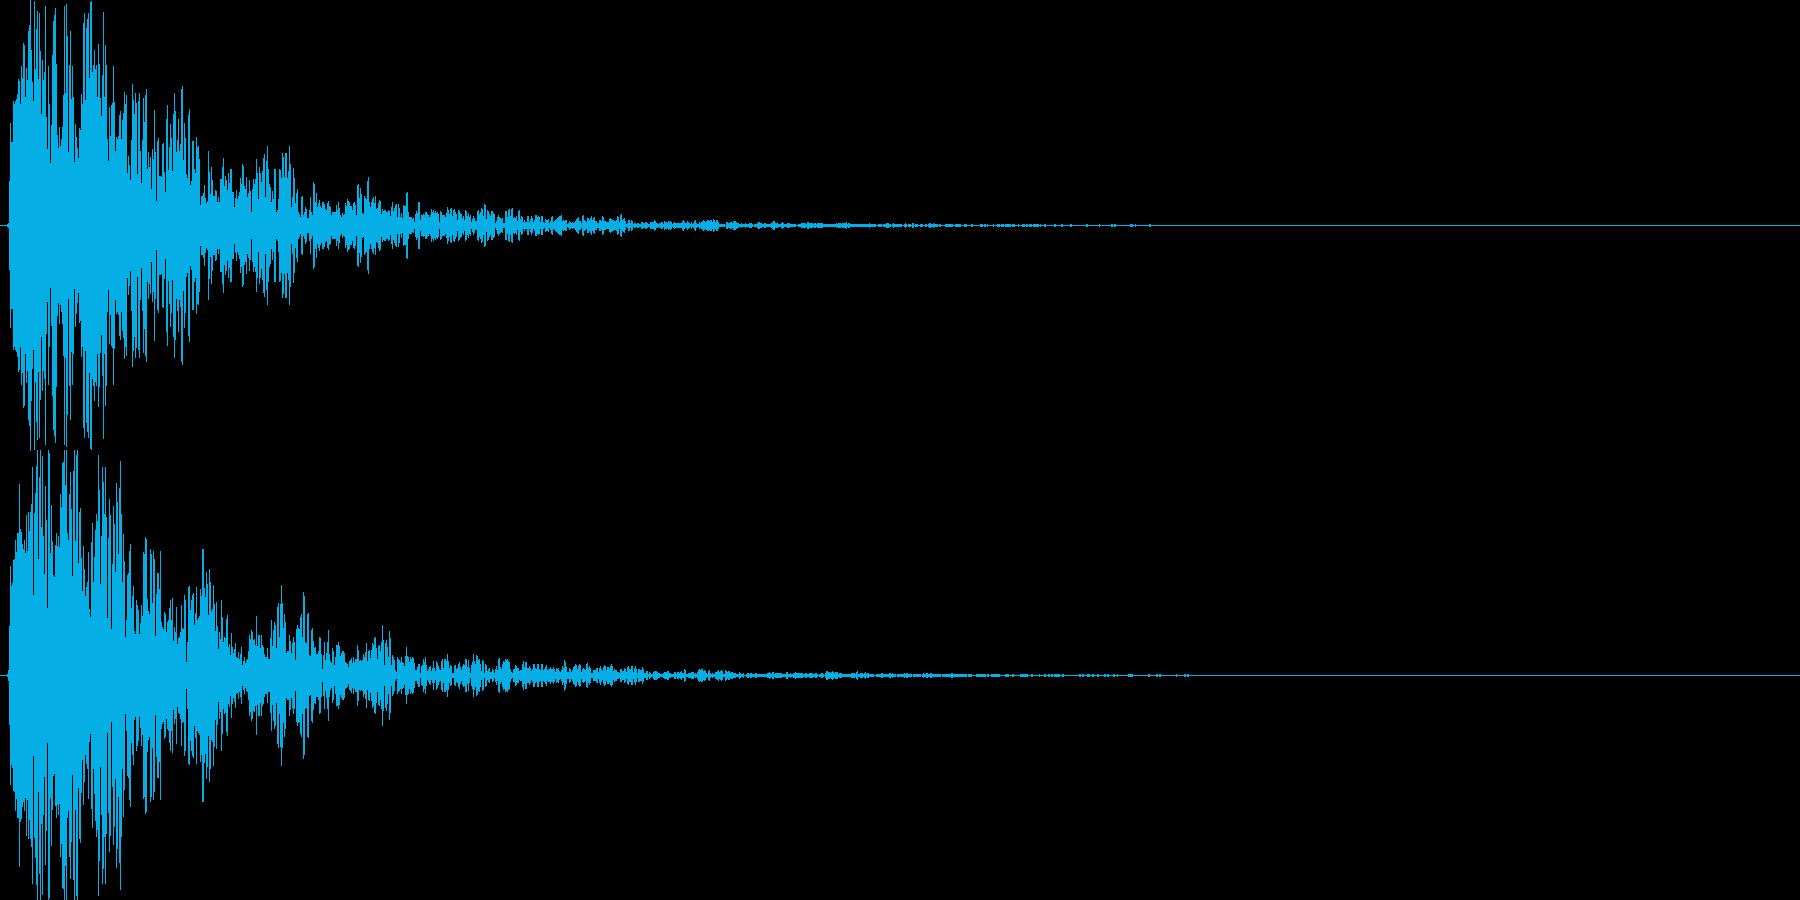 ドーン!(バーン!)という衝撃音の再生済みの波形